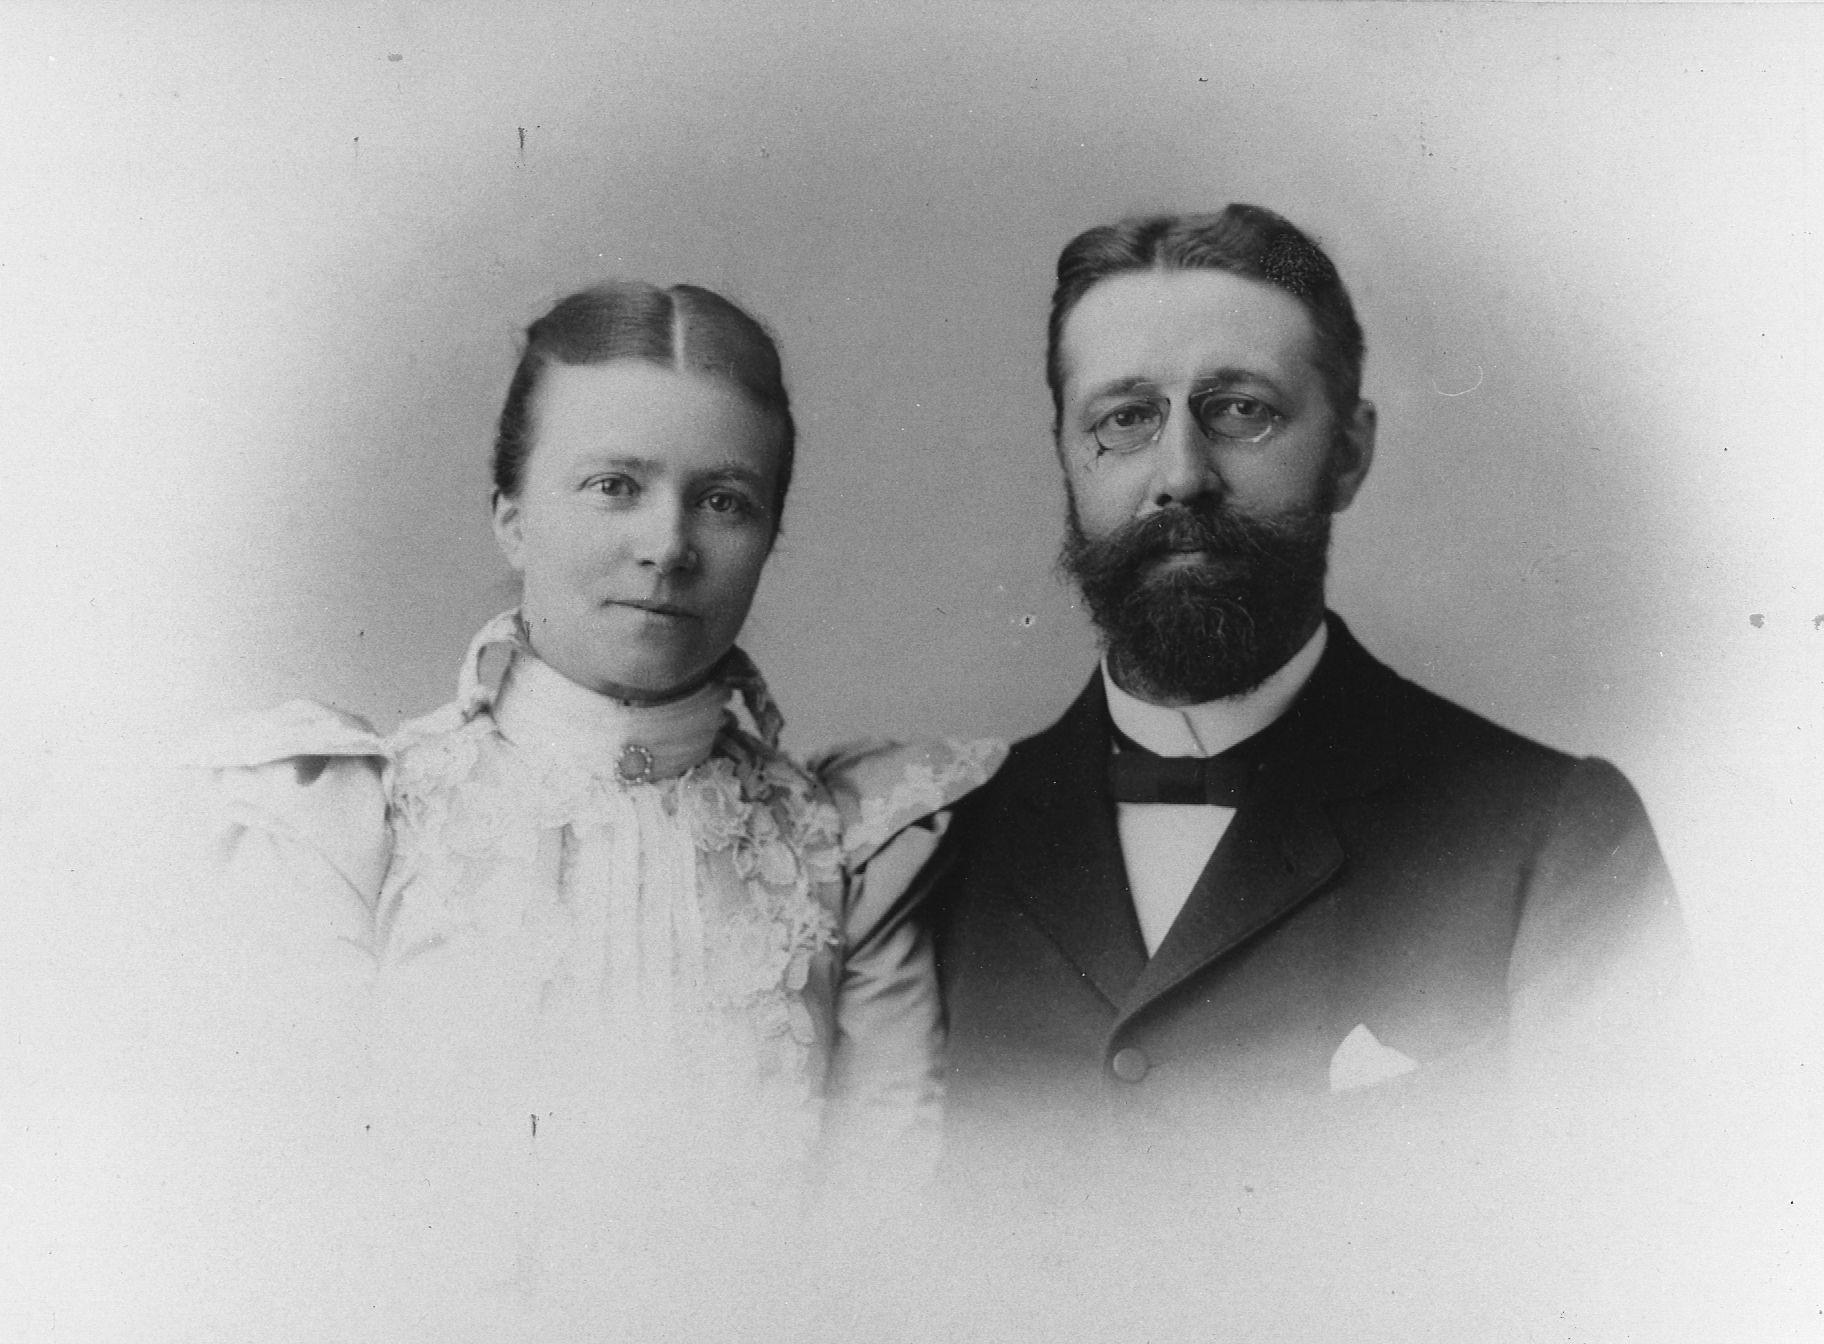 صورة تجمع ماكس فيبر مع زوجته آنا